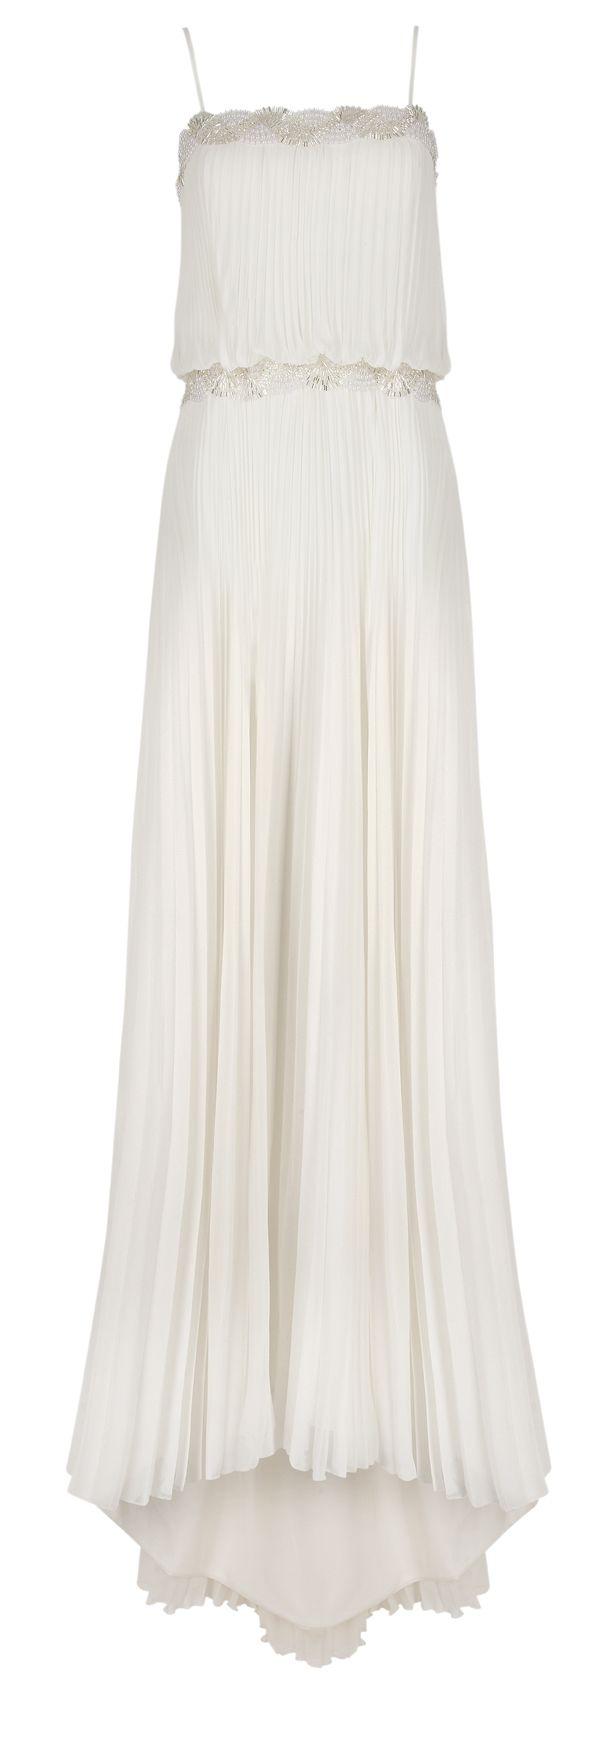 Biba Wedding Dress